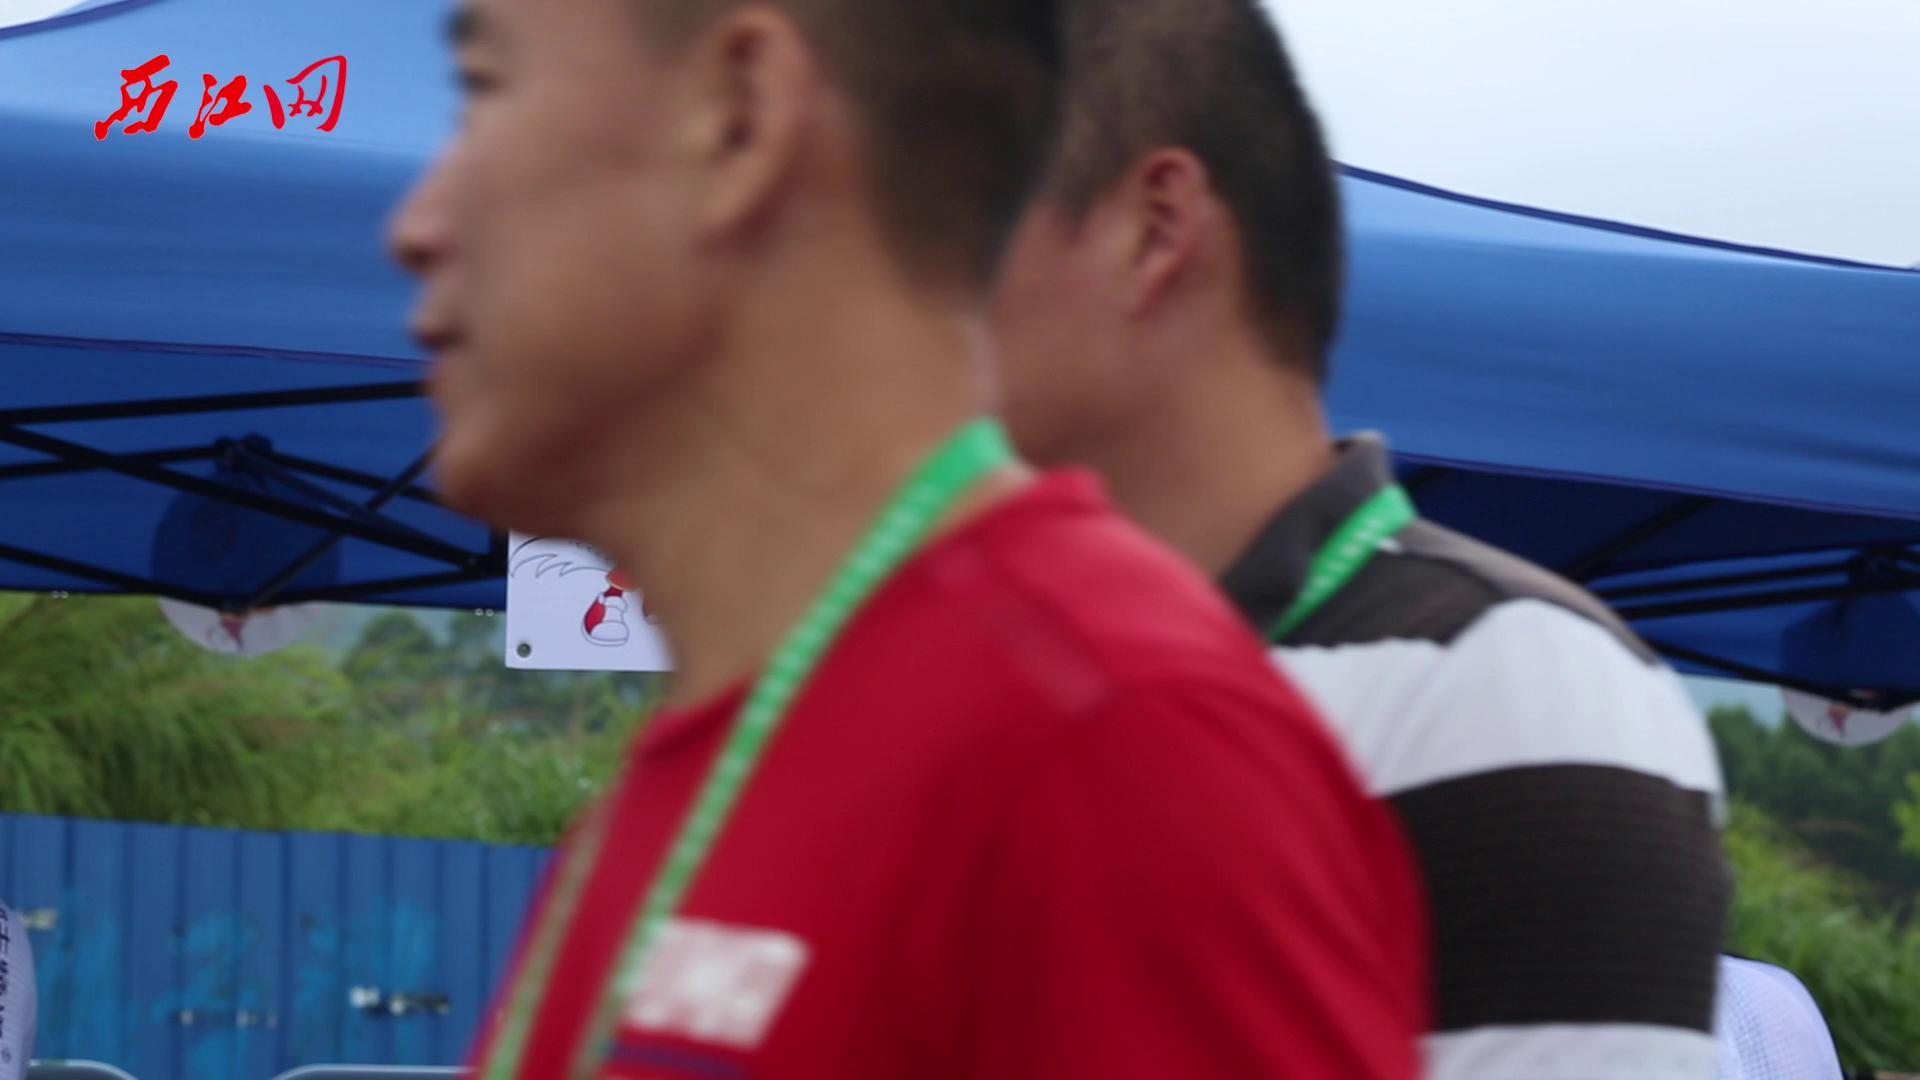 第15届省运会公路自行车赛男女子乙组比赛花絮